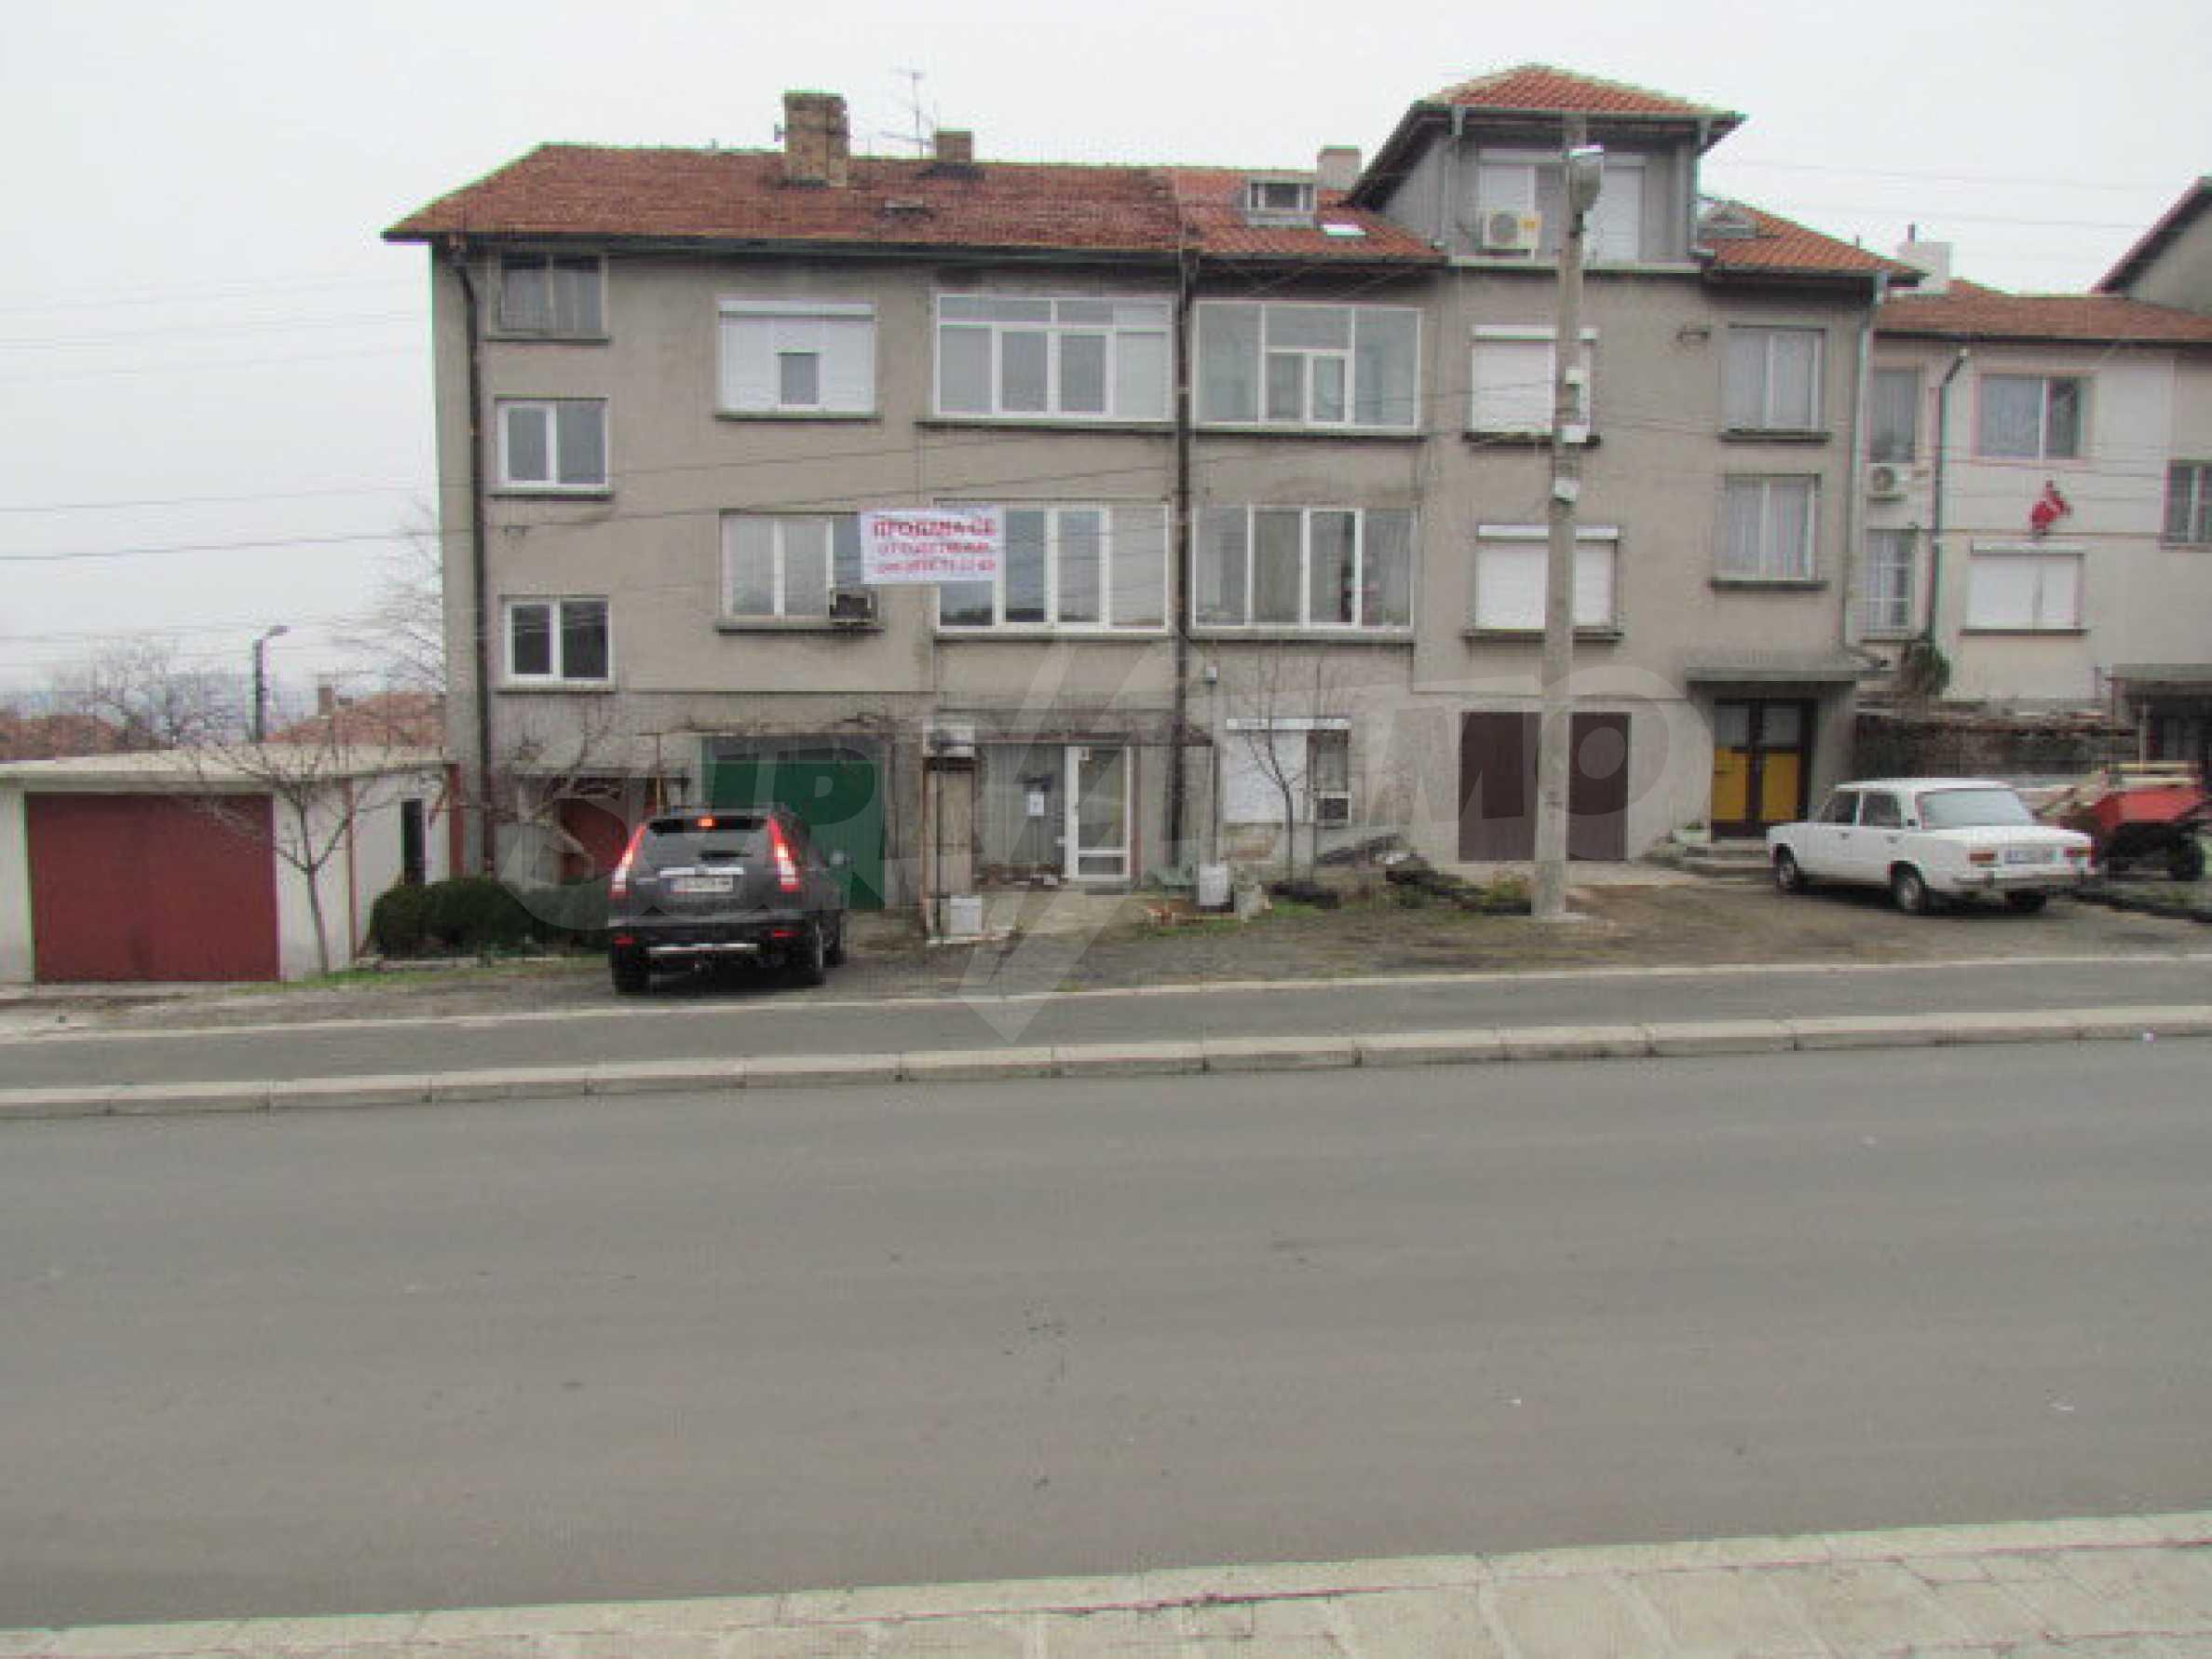 Zweistöckiges Stadthaus in der Nähe des Meeres 1